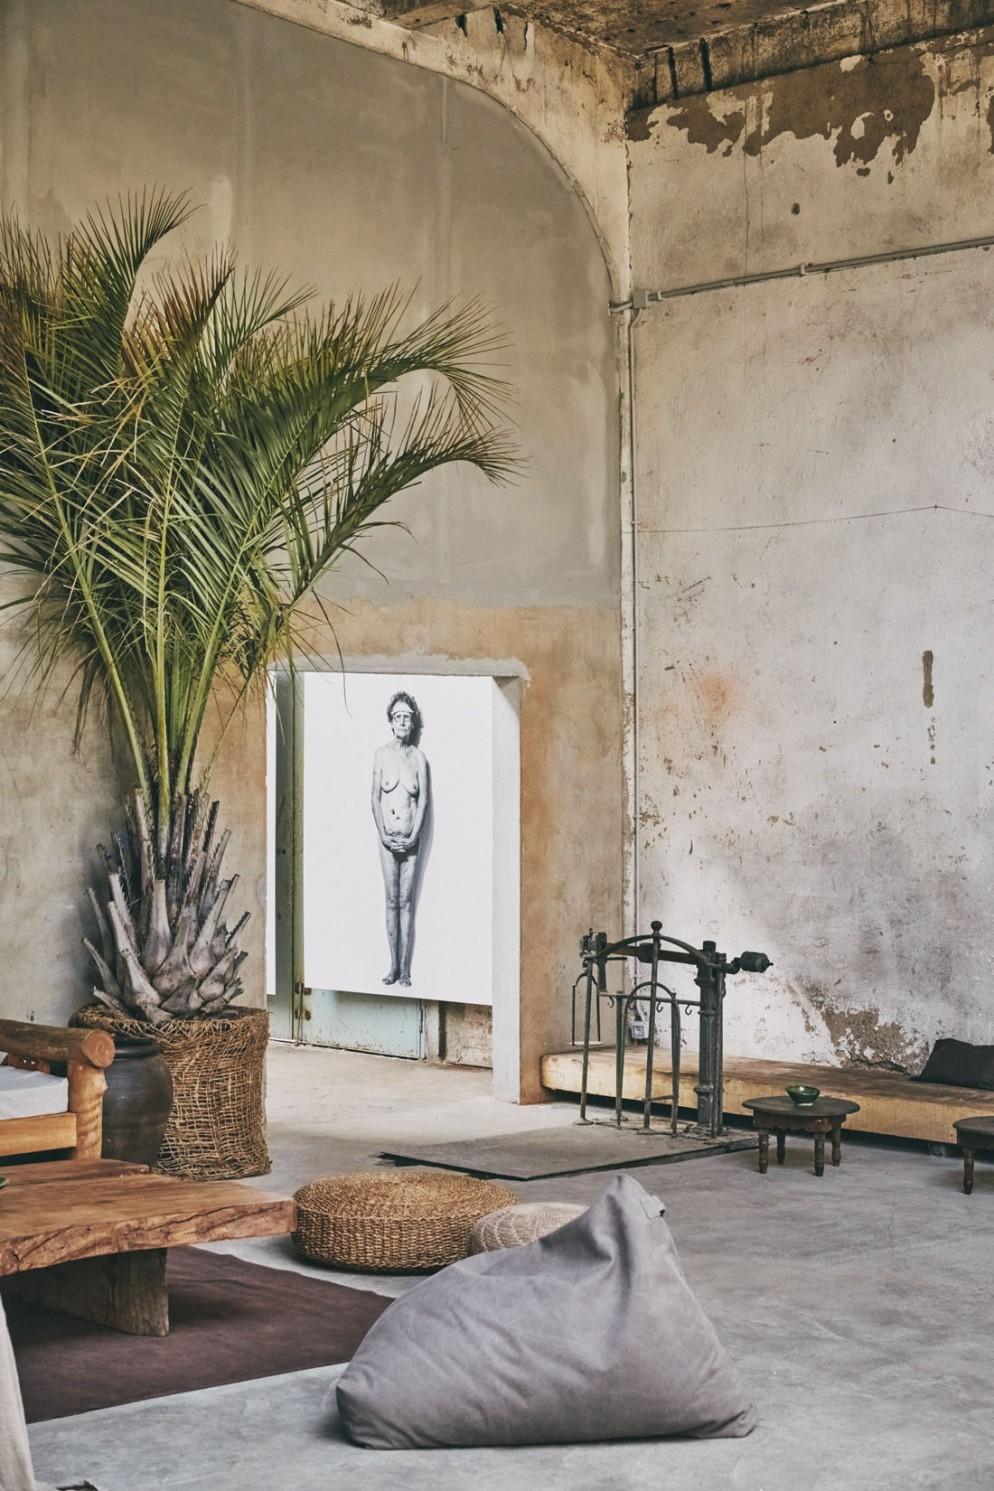 scalo-lambrate-co-working-mercato-sostenibile-start-up-vetrina-designer-artisti-ristorante-06